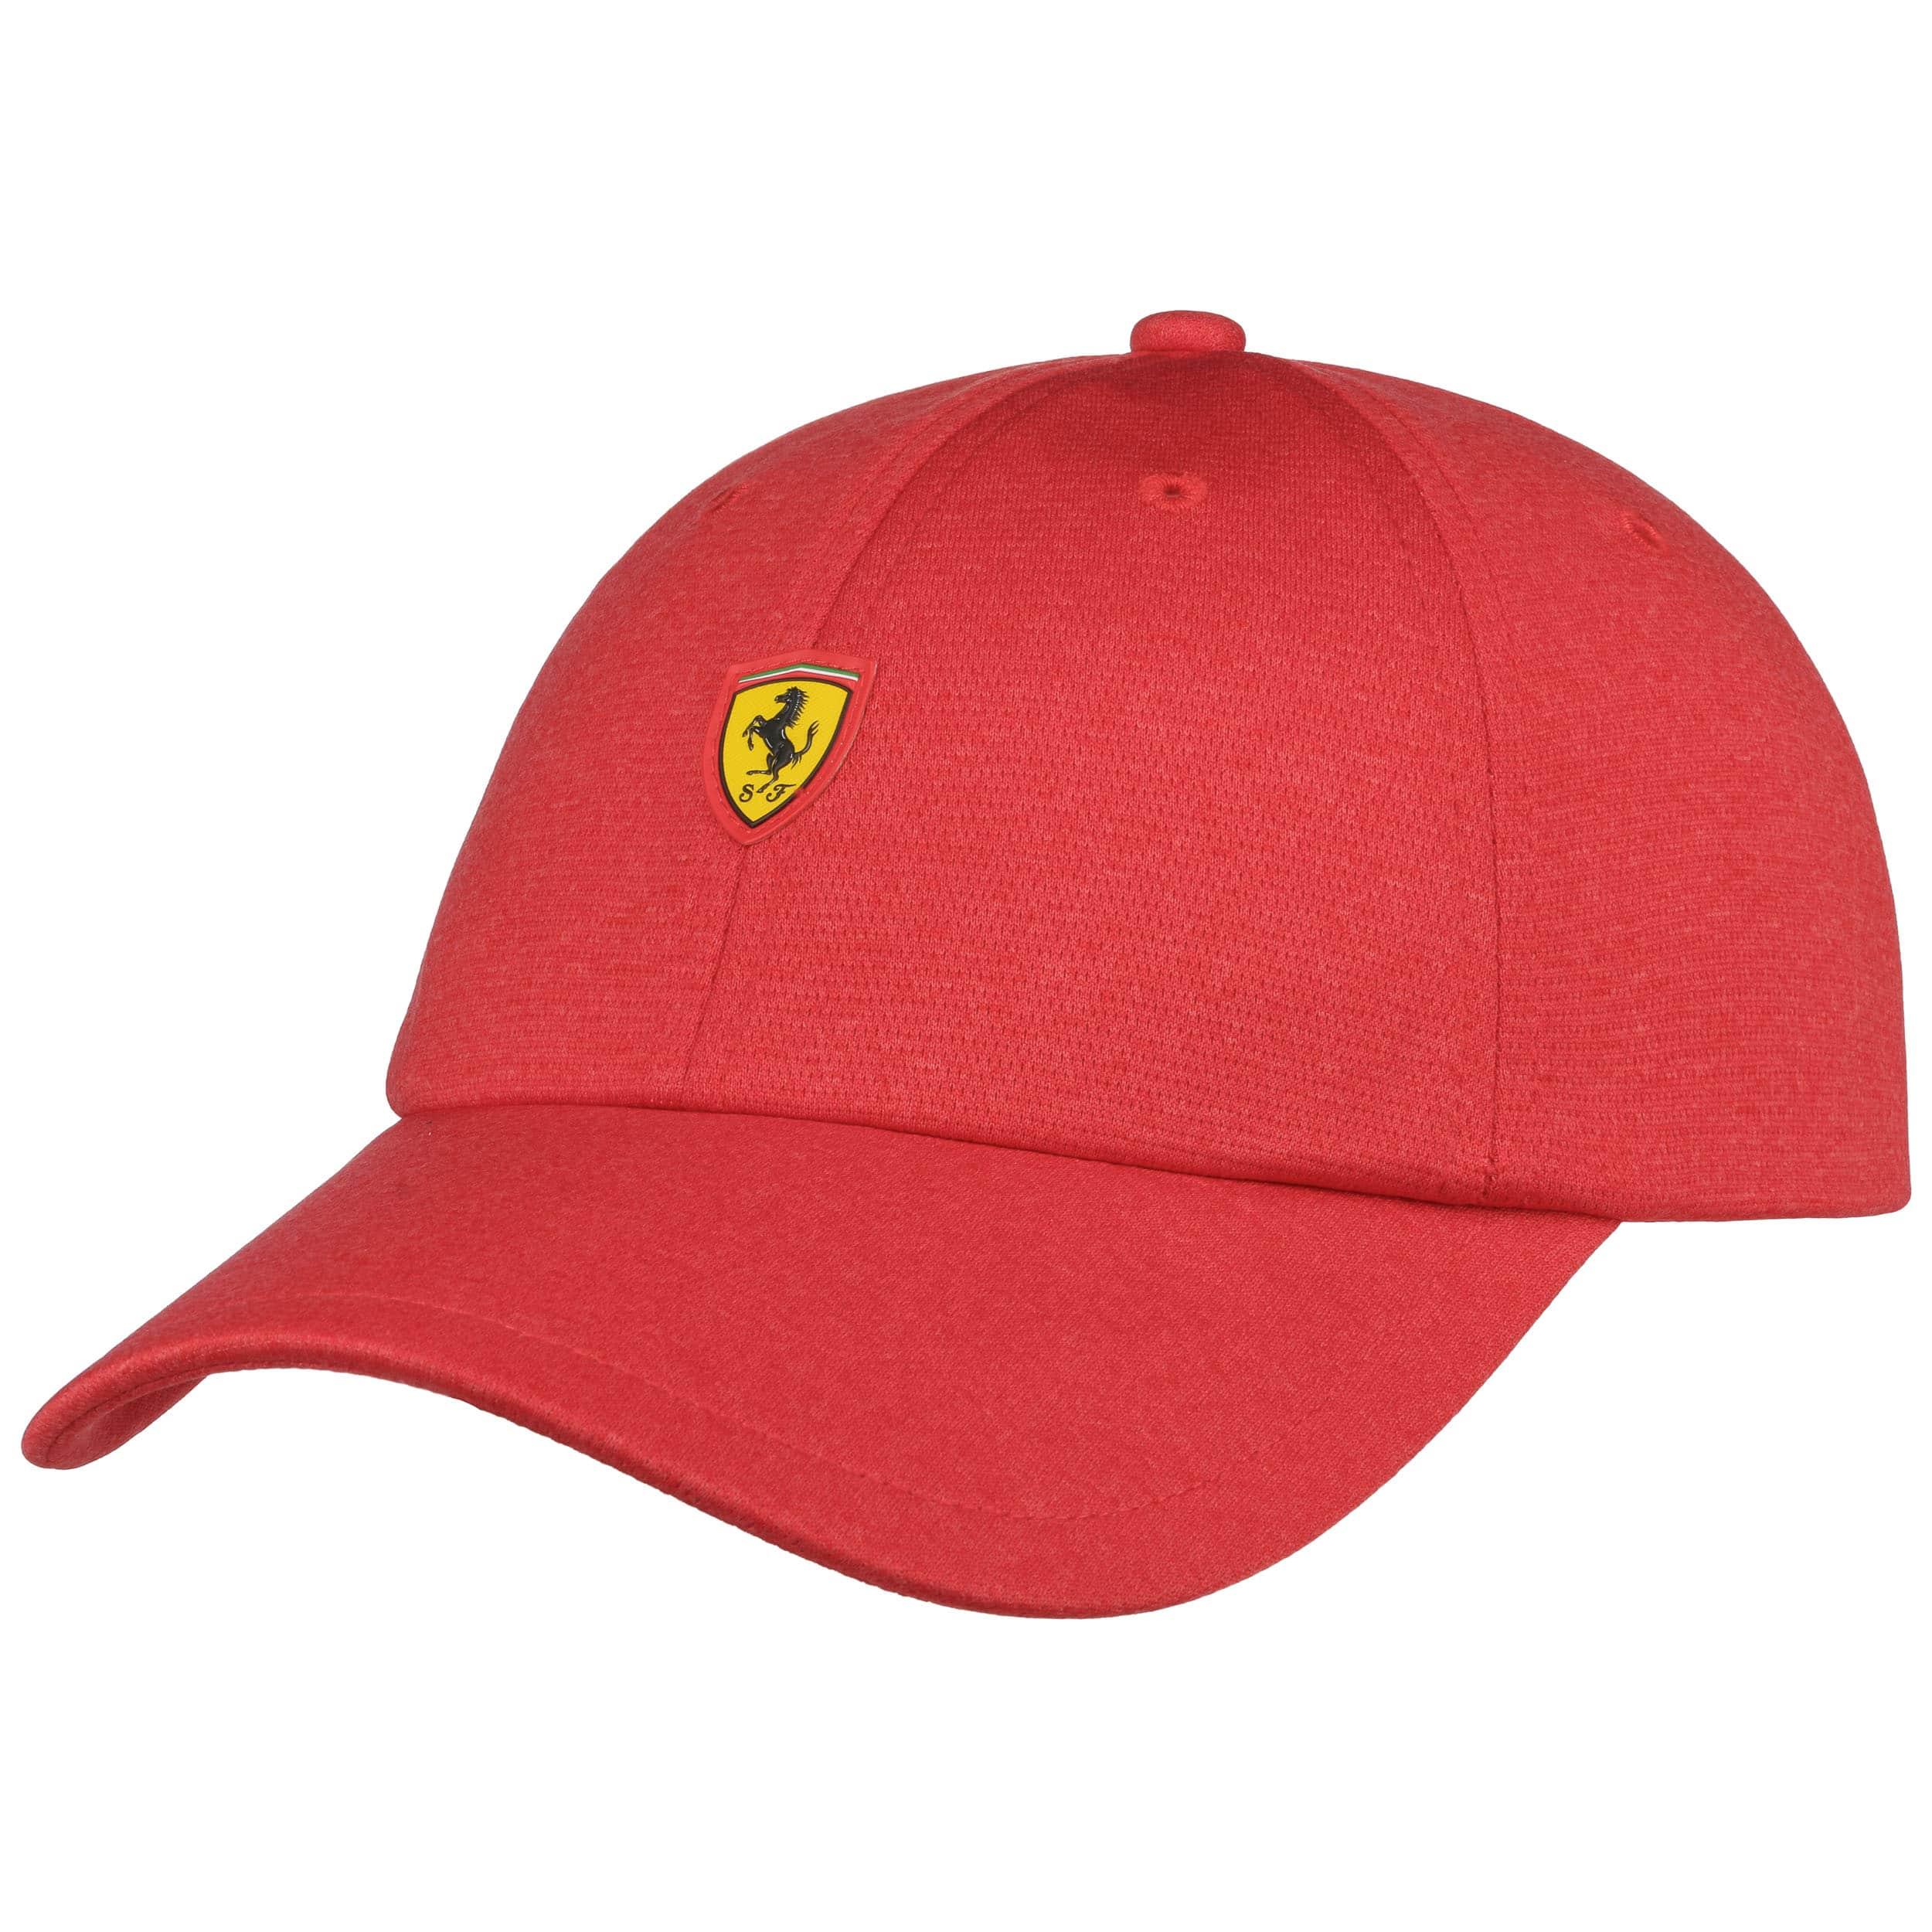 313cc9be936 ... get scuderia ferrari fanwear cap by puma red 5 495f1 b2c25